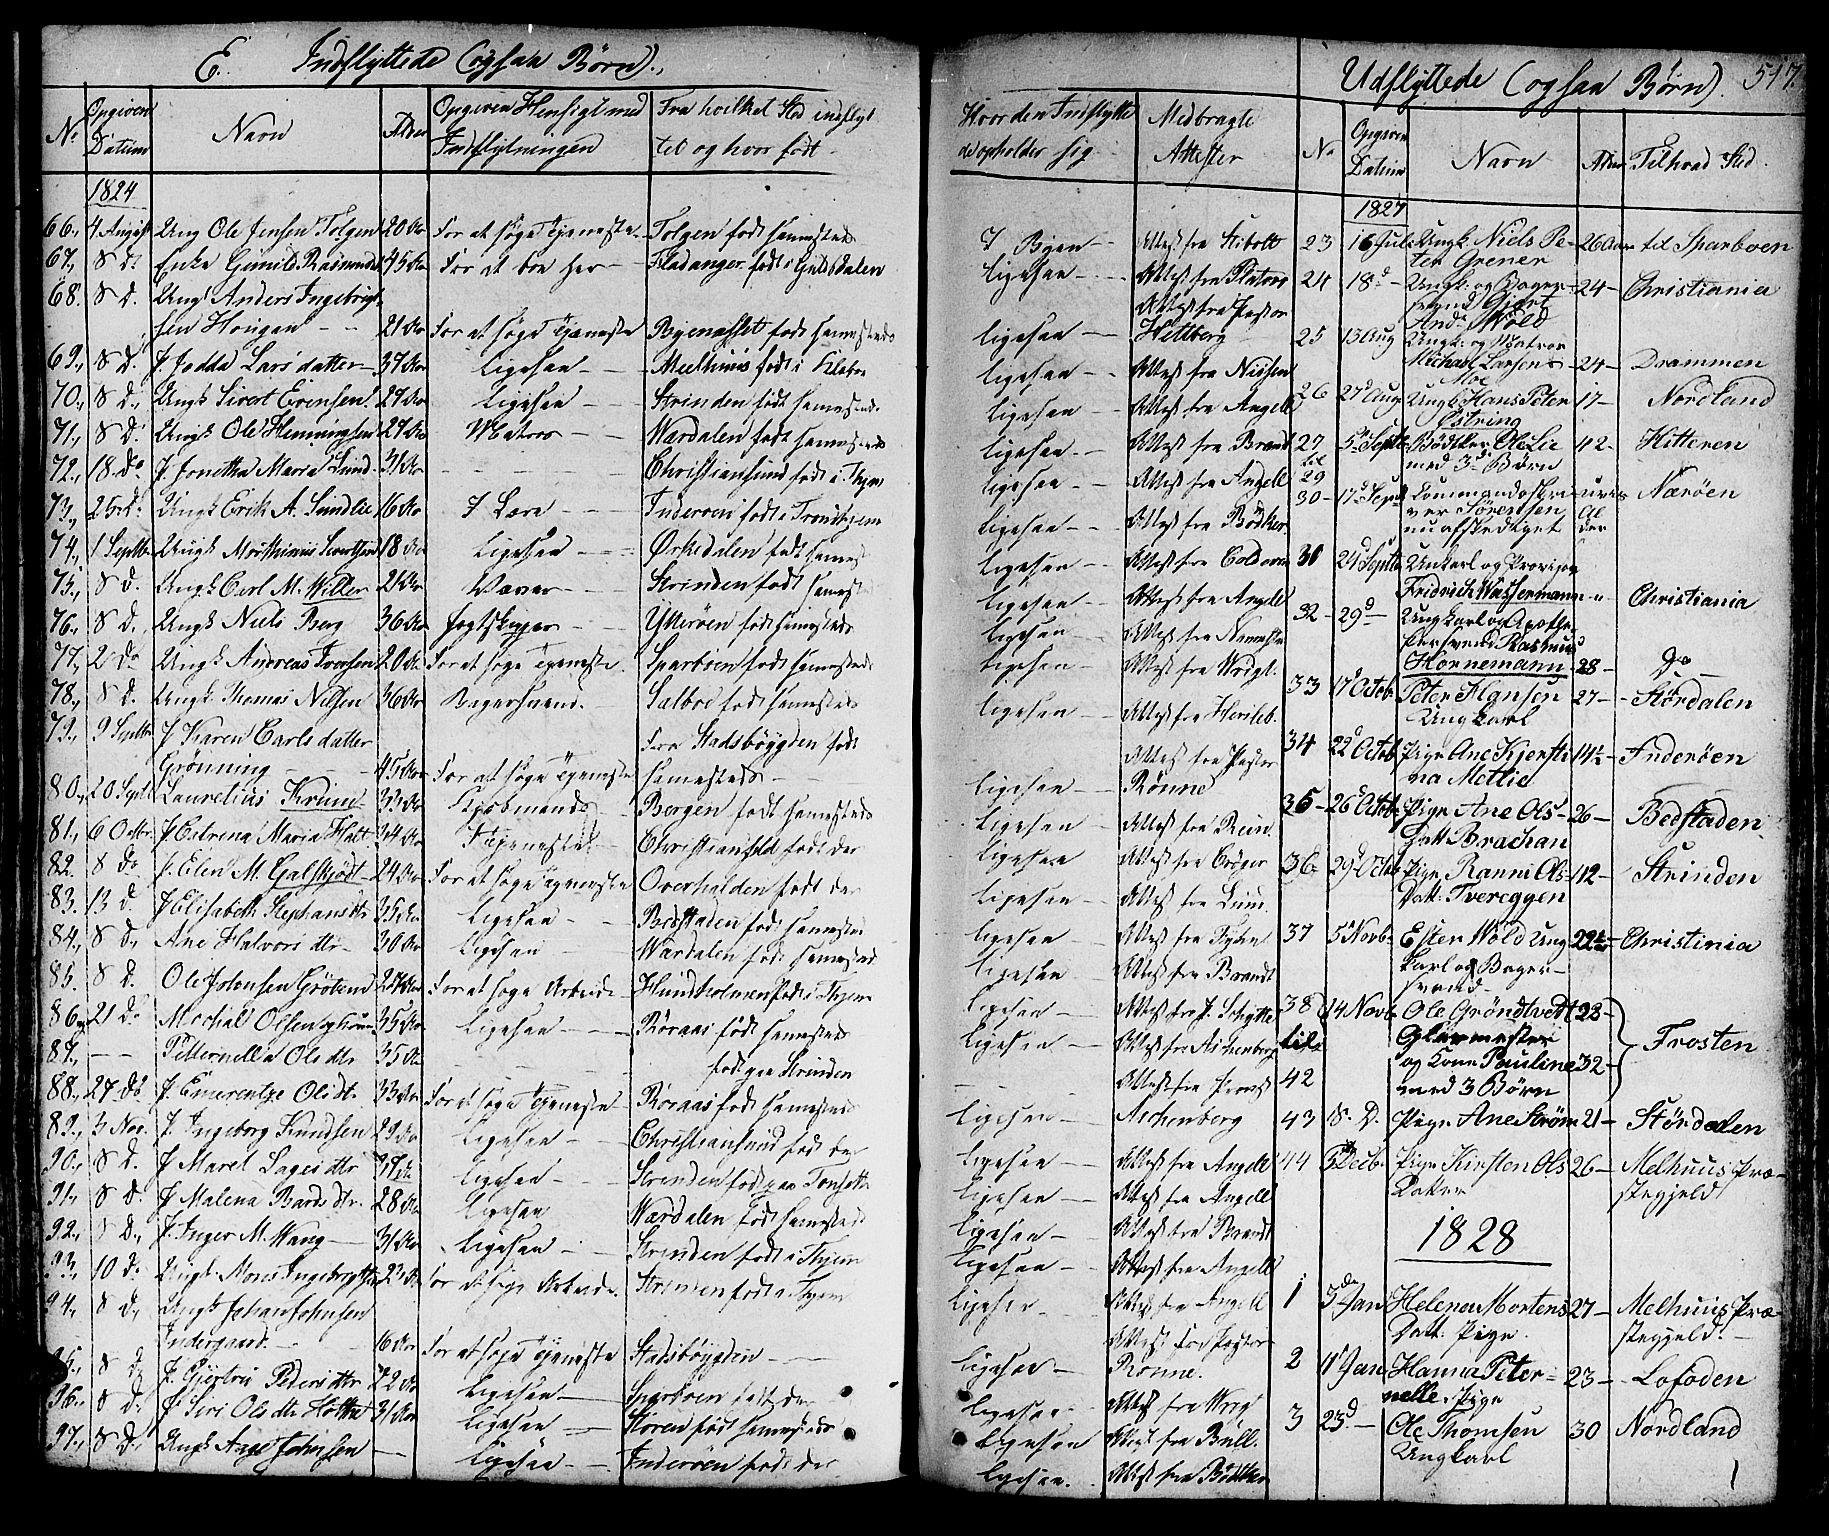 SAT, Ministerialprotokoller, klokkerbøker og fødselsregistre - Sør-Trøndelag, 601/L0045: Ministerialbok nr. 601A13, 1821-1831, s. 517